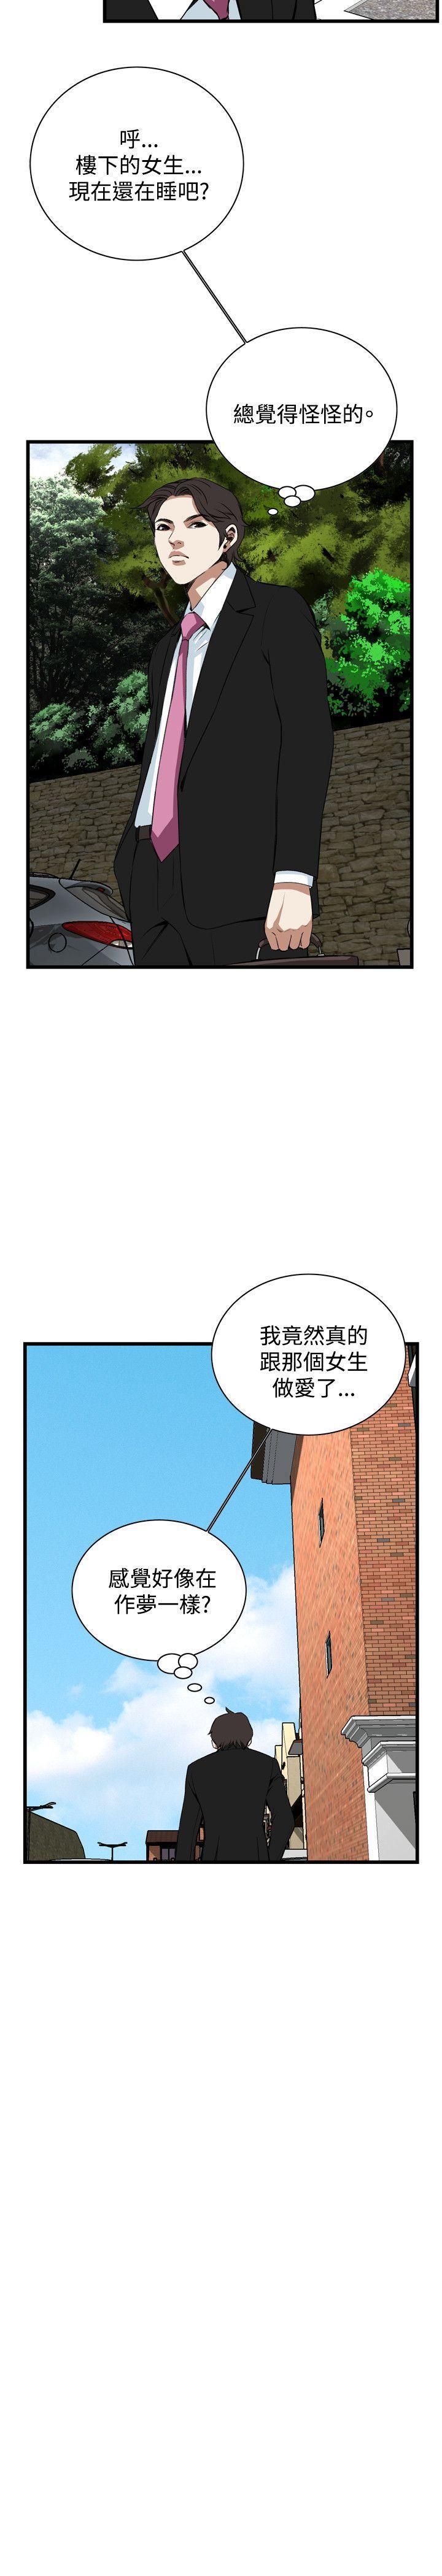 偷窥72-93 Chinese Rsiky 87